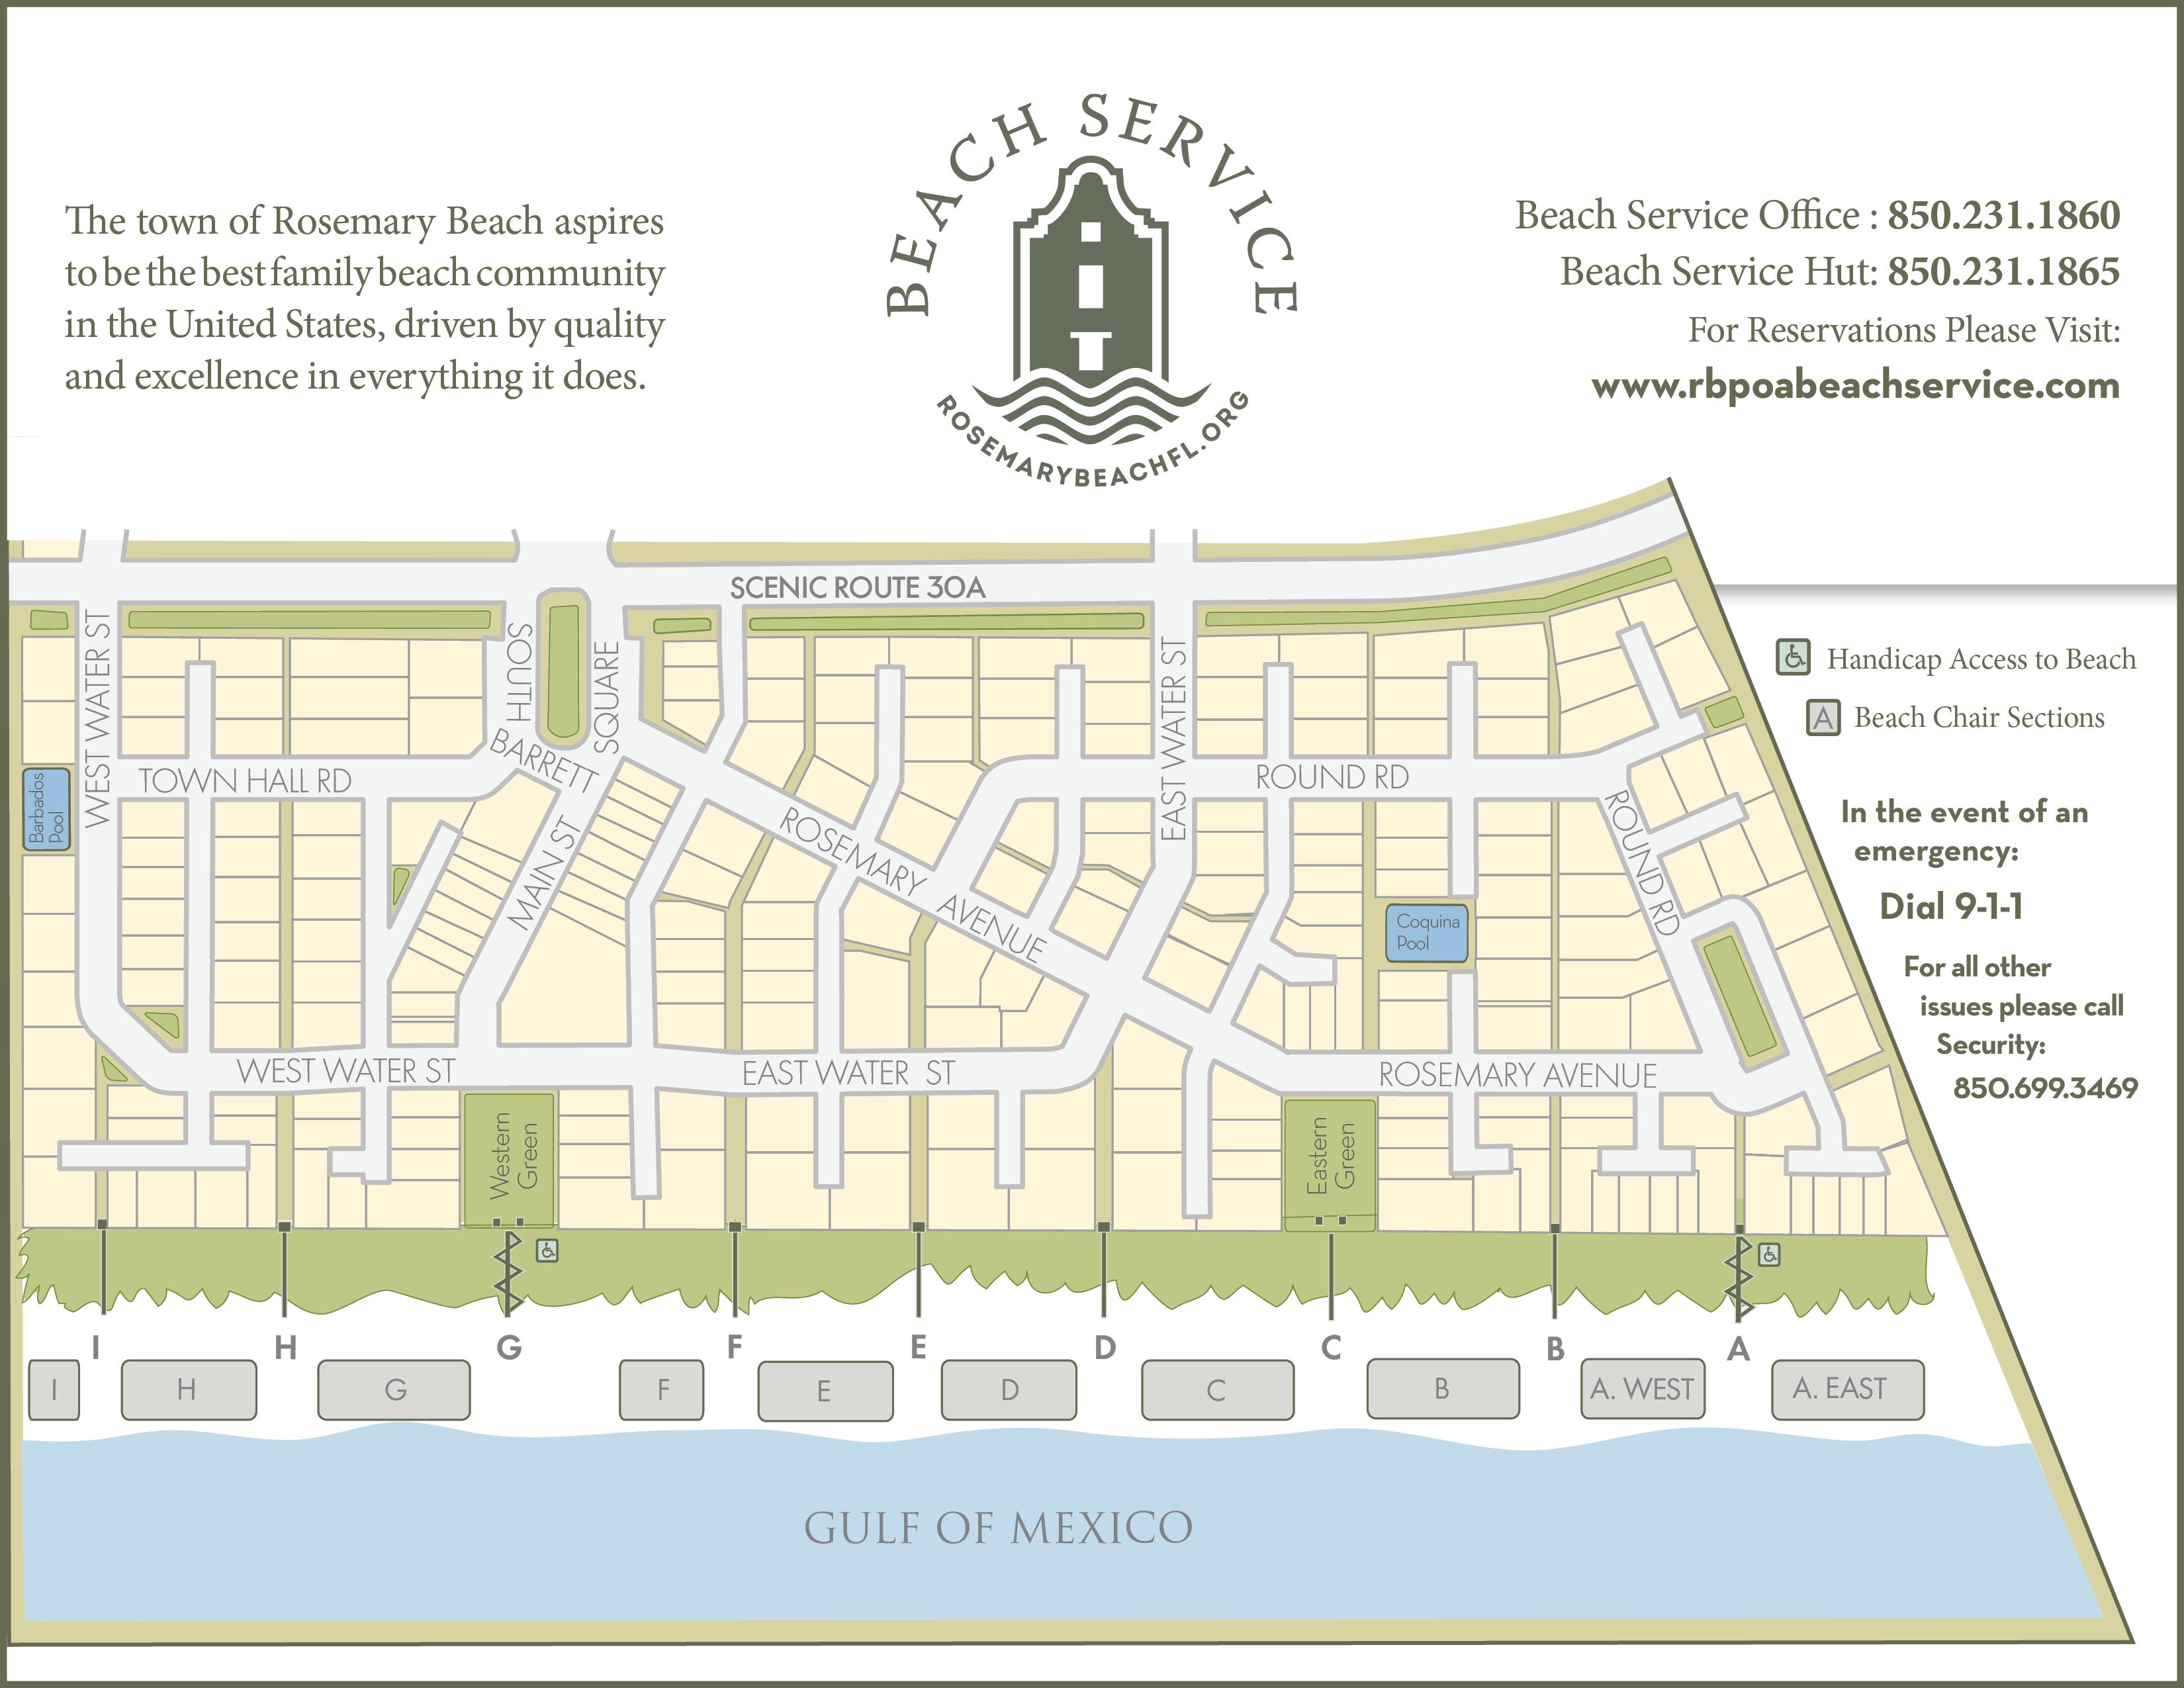 Rosemary Beach Map Rosemary Beach Walkovers | Rosemary Beach Service